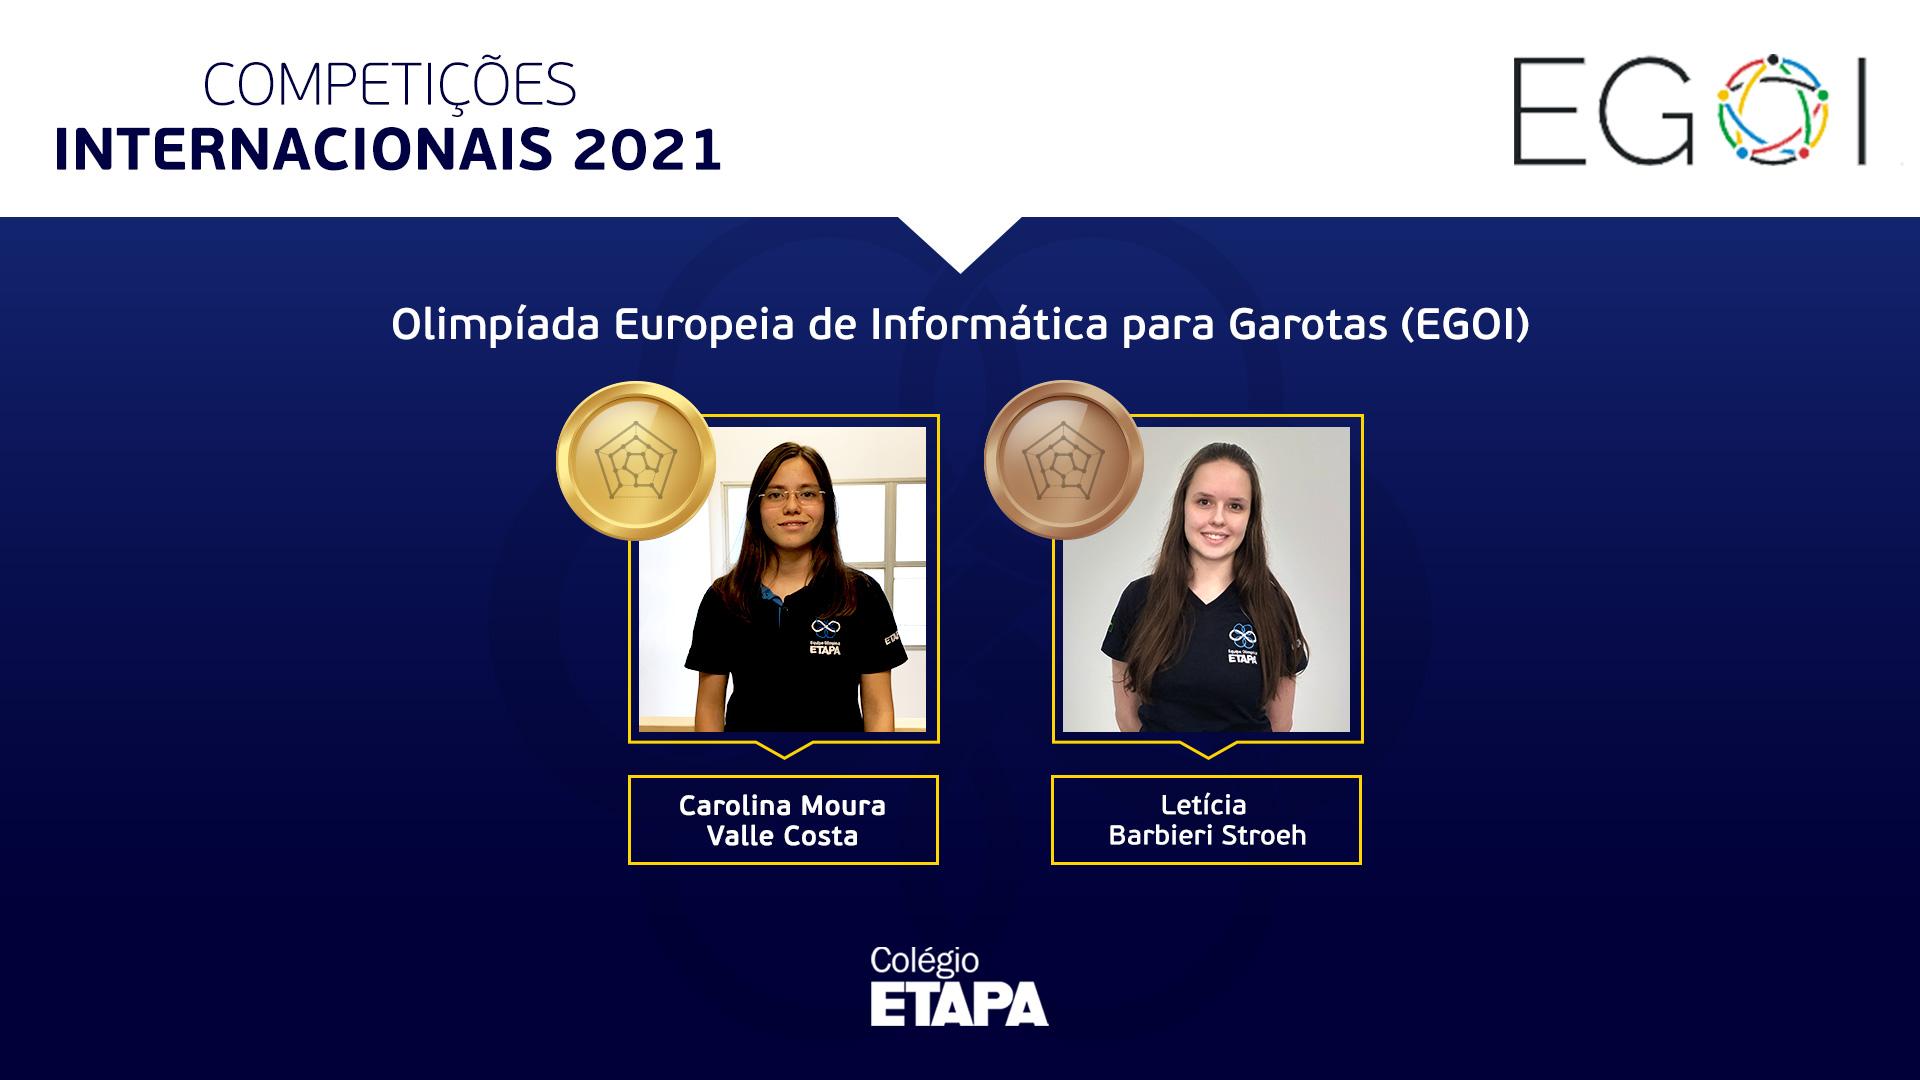 Alunas do Colégio Etapa conquistam medalhas na EGOI 2021